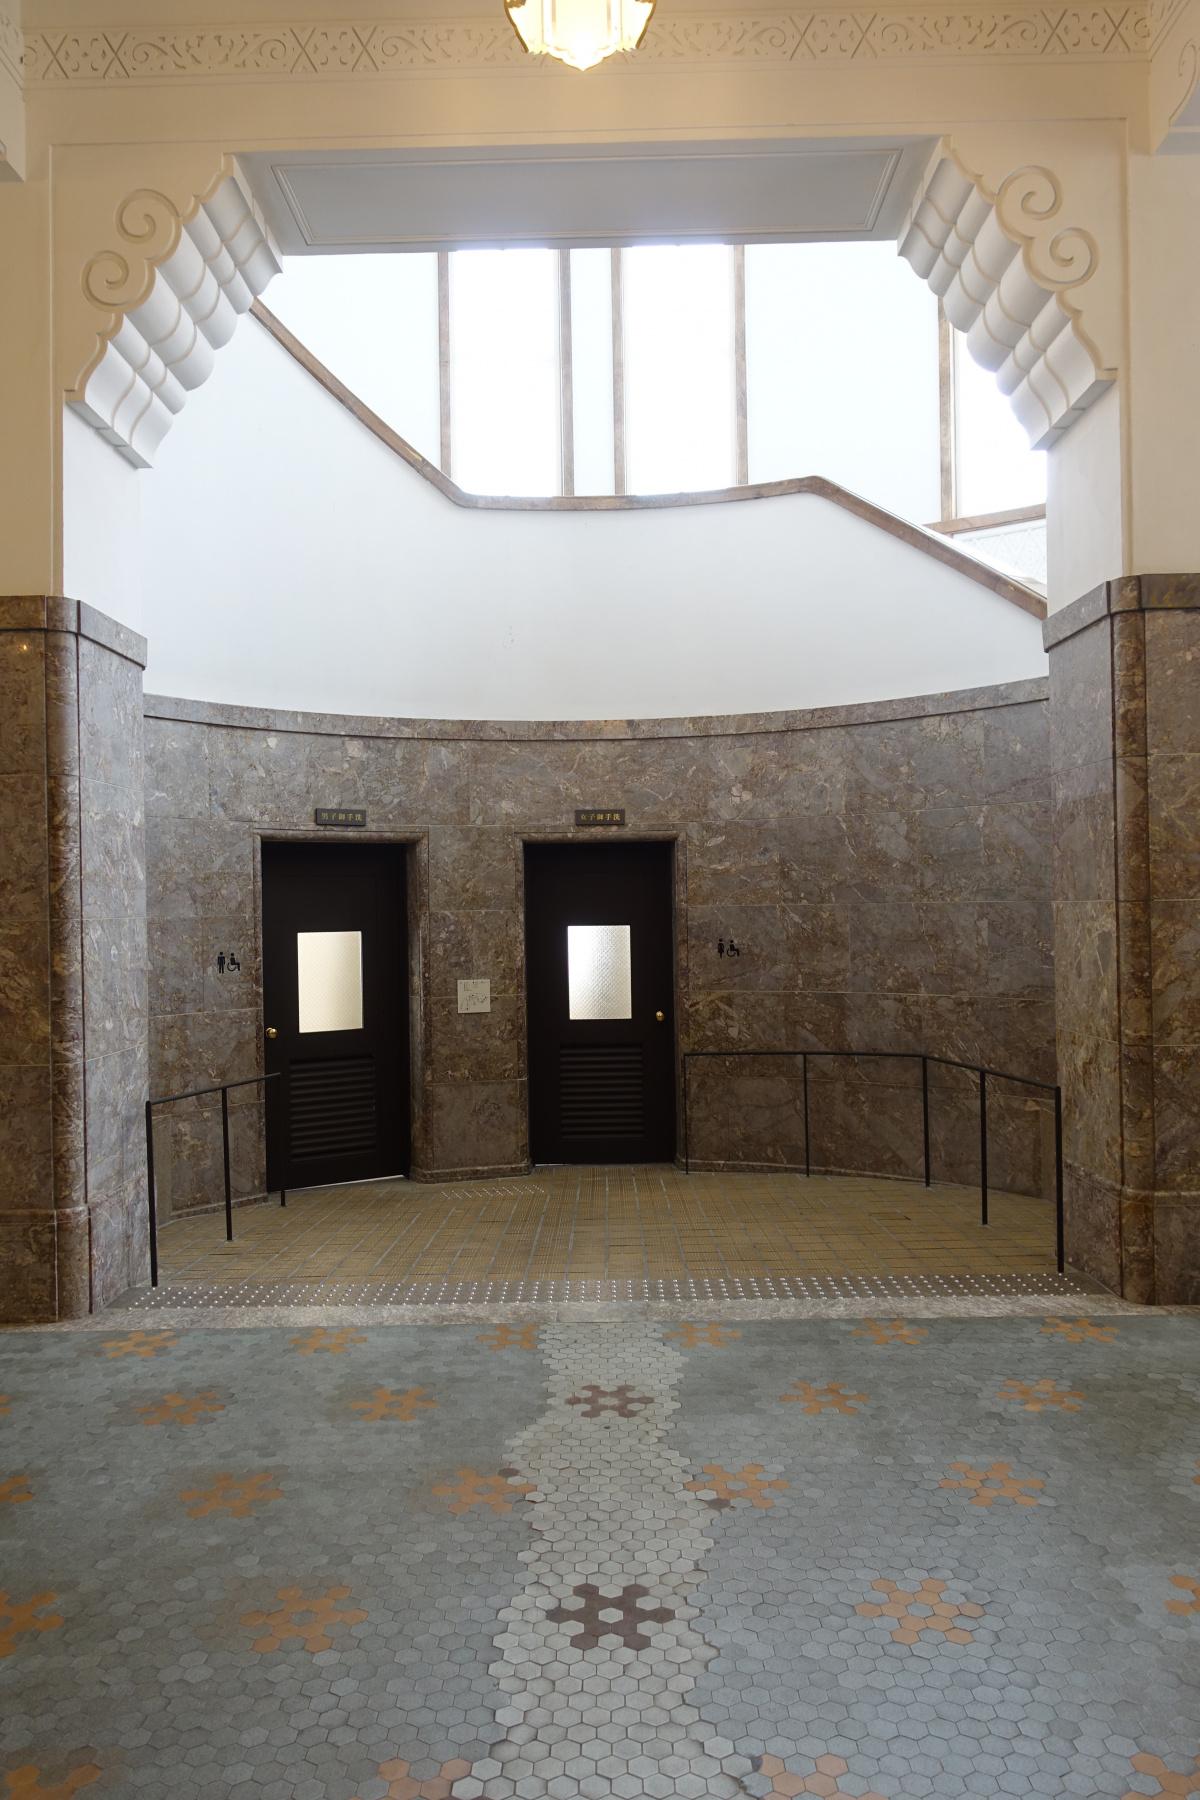 京都市京セラ美術館がリニューアルオープン! 「ガラス・リボン」を纏った建築にも注目を。